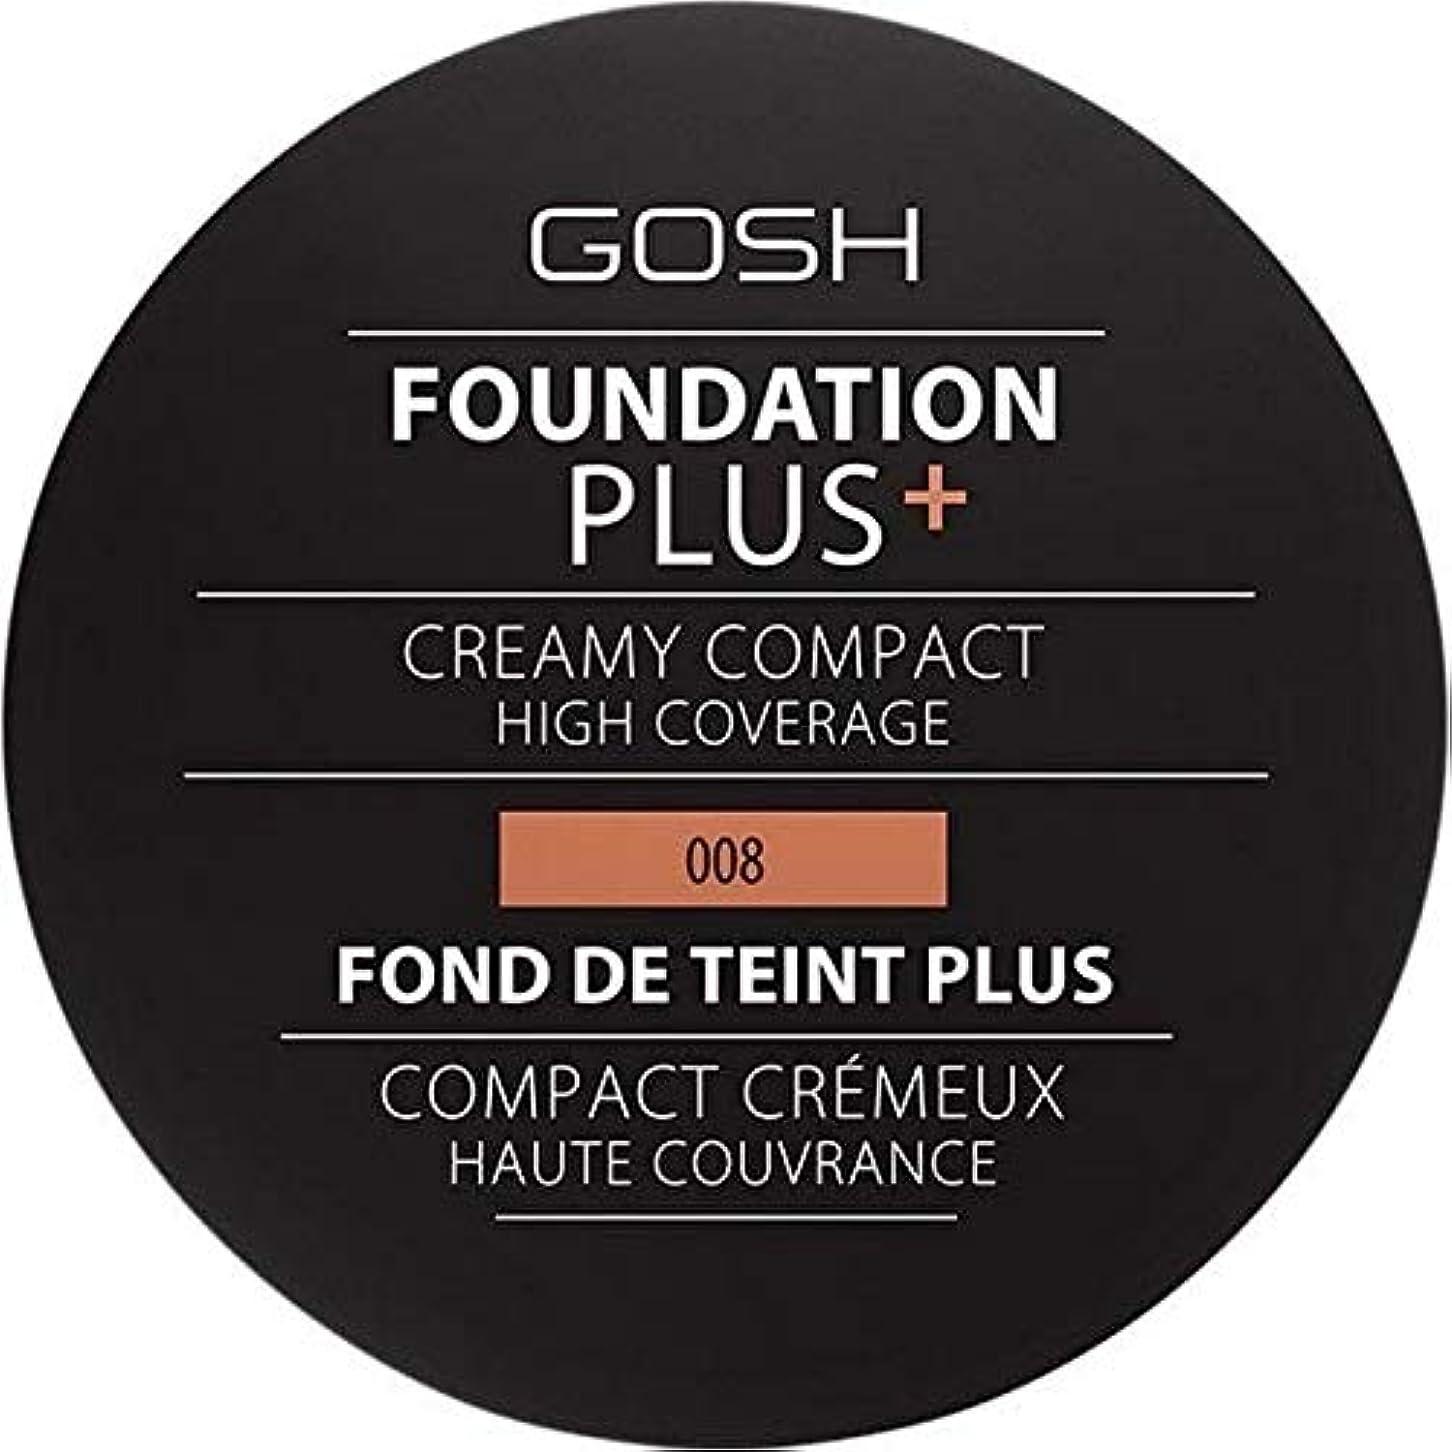 安心させる南西クリーム[GOSH ] おやっ基盤プラス008 +クリーミーコンパクト黄金 - Gosh Foundation Plus+ Creamy Compact Golden 008 [並行輸入品]